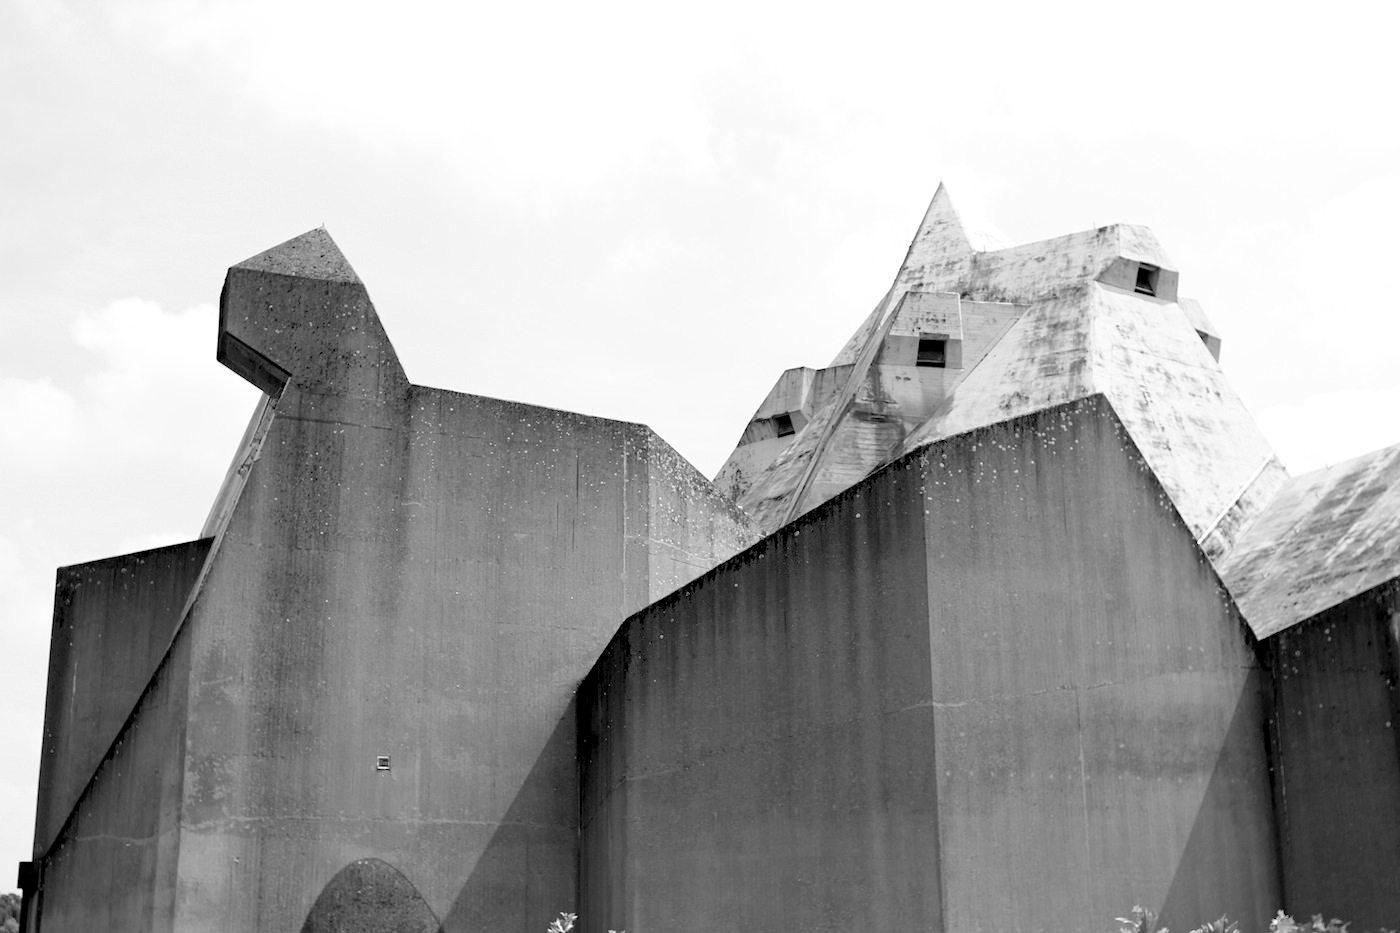 Katholische Wallfahrtskirche Maria, Königin des Friedens. Betongraues Gebirge